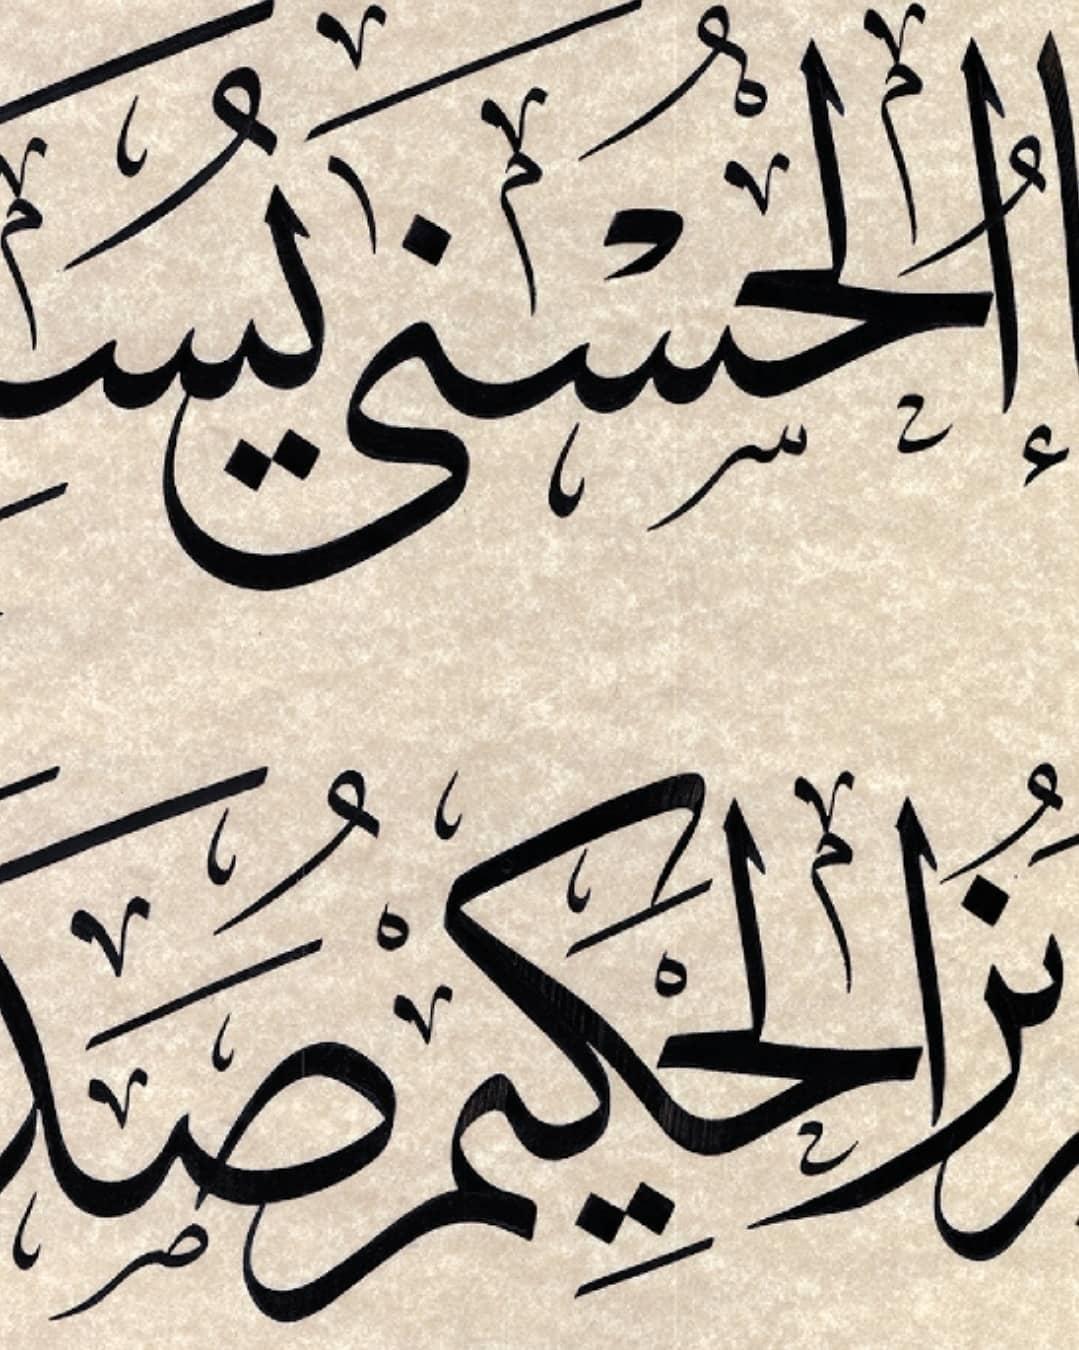 al kattat احمدعلی نمازی  .....5mm ... .....Haşr suresi 20-24...... .70×100cm . . . . . . . . . .#islamic... 672 8